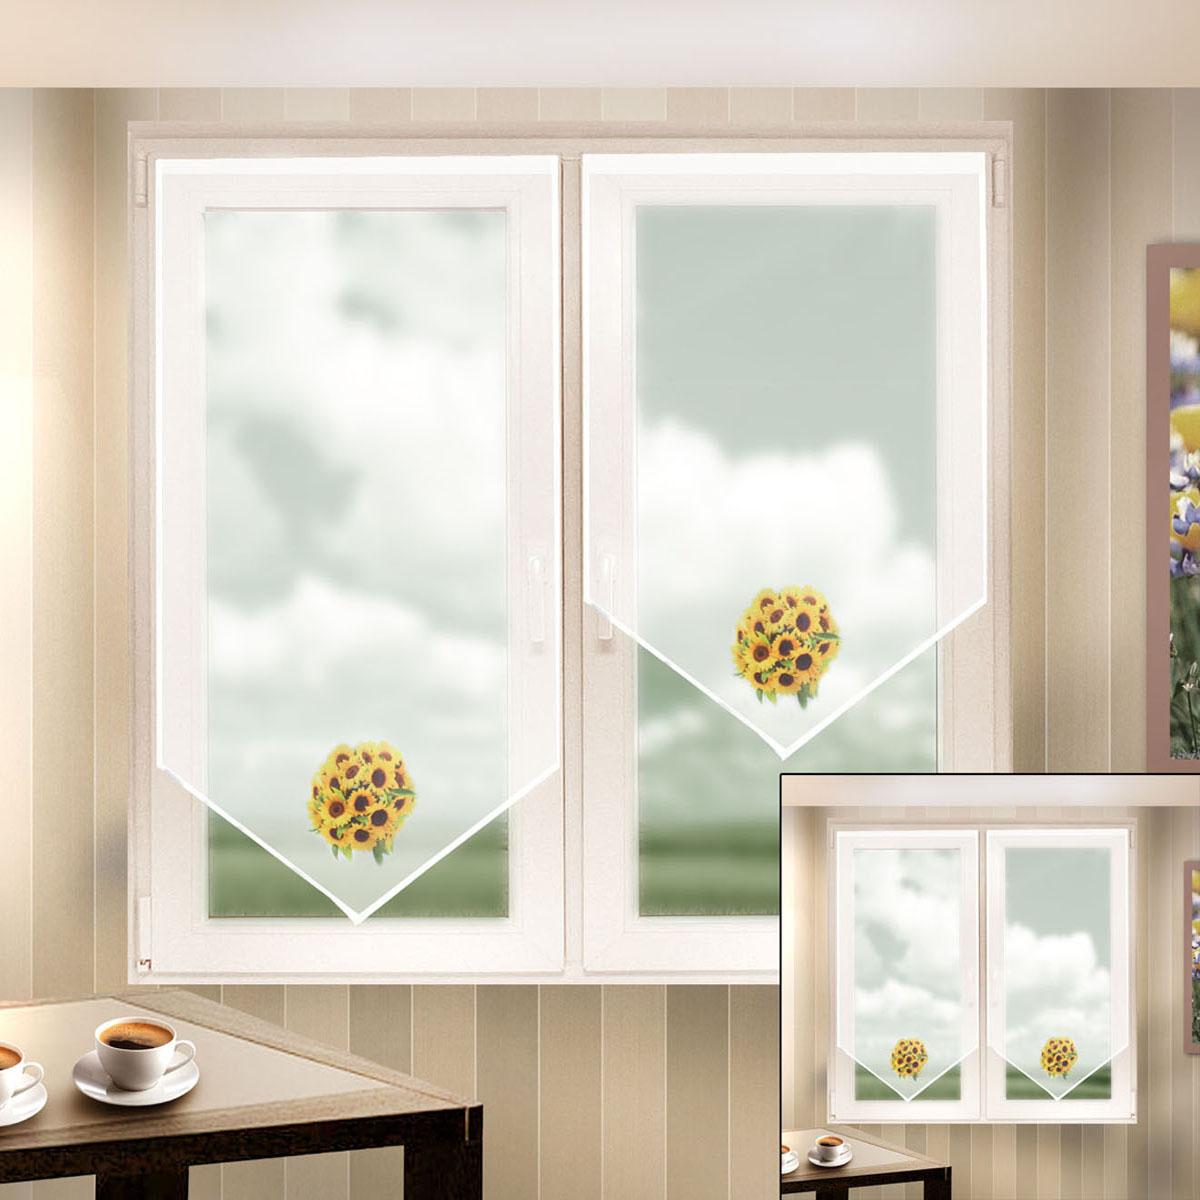 Гардина Zlata Korunka, цвет: белый, высота 140 см. 666058666058Шторы из материала вуаль, для кухни, белого цвета с печатным рисунком. Крепление на липкой ленте, не требующее сверления стен и карниза. Многоразовое и мгновенное крепление. Штора - шир.60 х выс.140; Штора - шир.60 х выс.120 Размеры: ширина 60* высота 140+ширина 60 высота 120